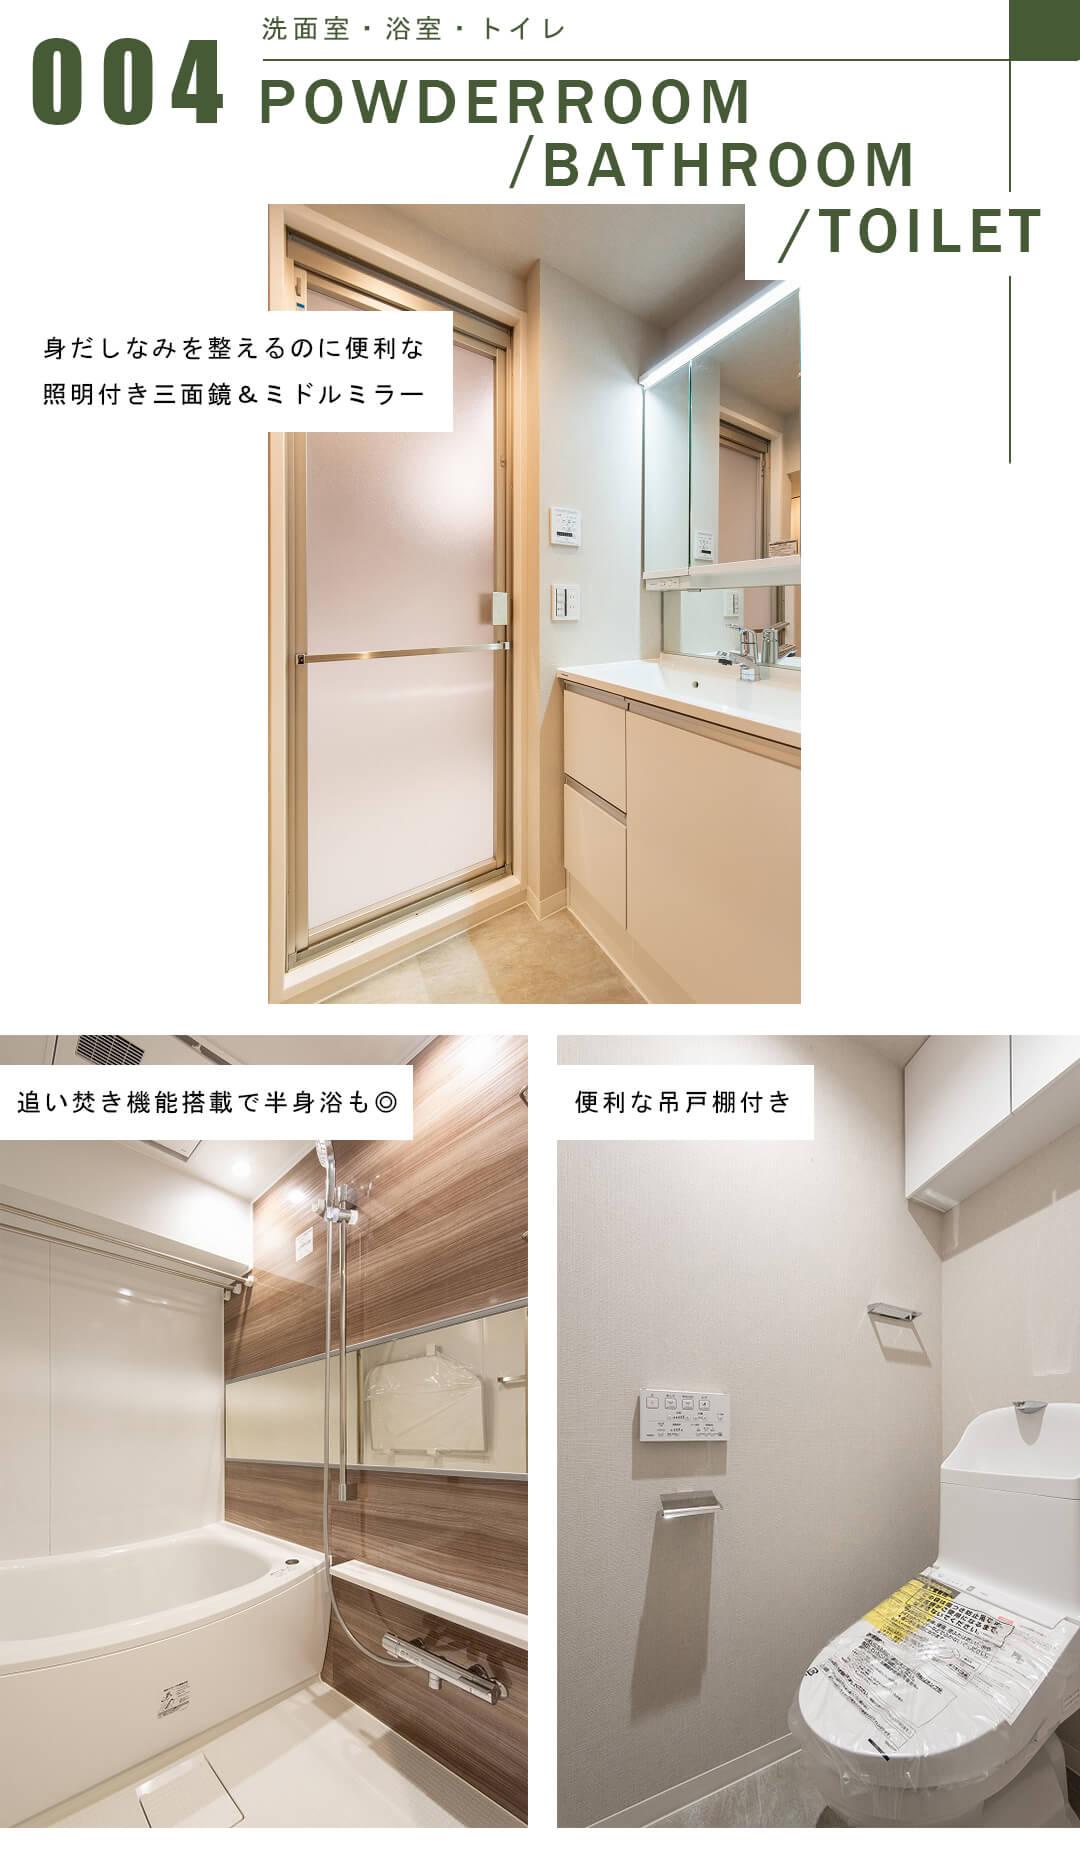 スカイコート日本橋浜町公園の洗面室と浴室とトイレ